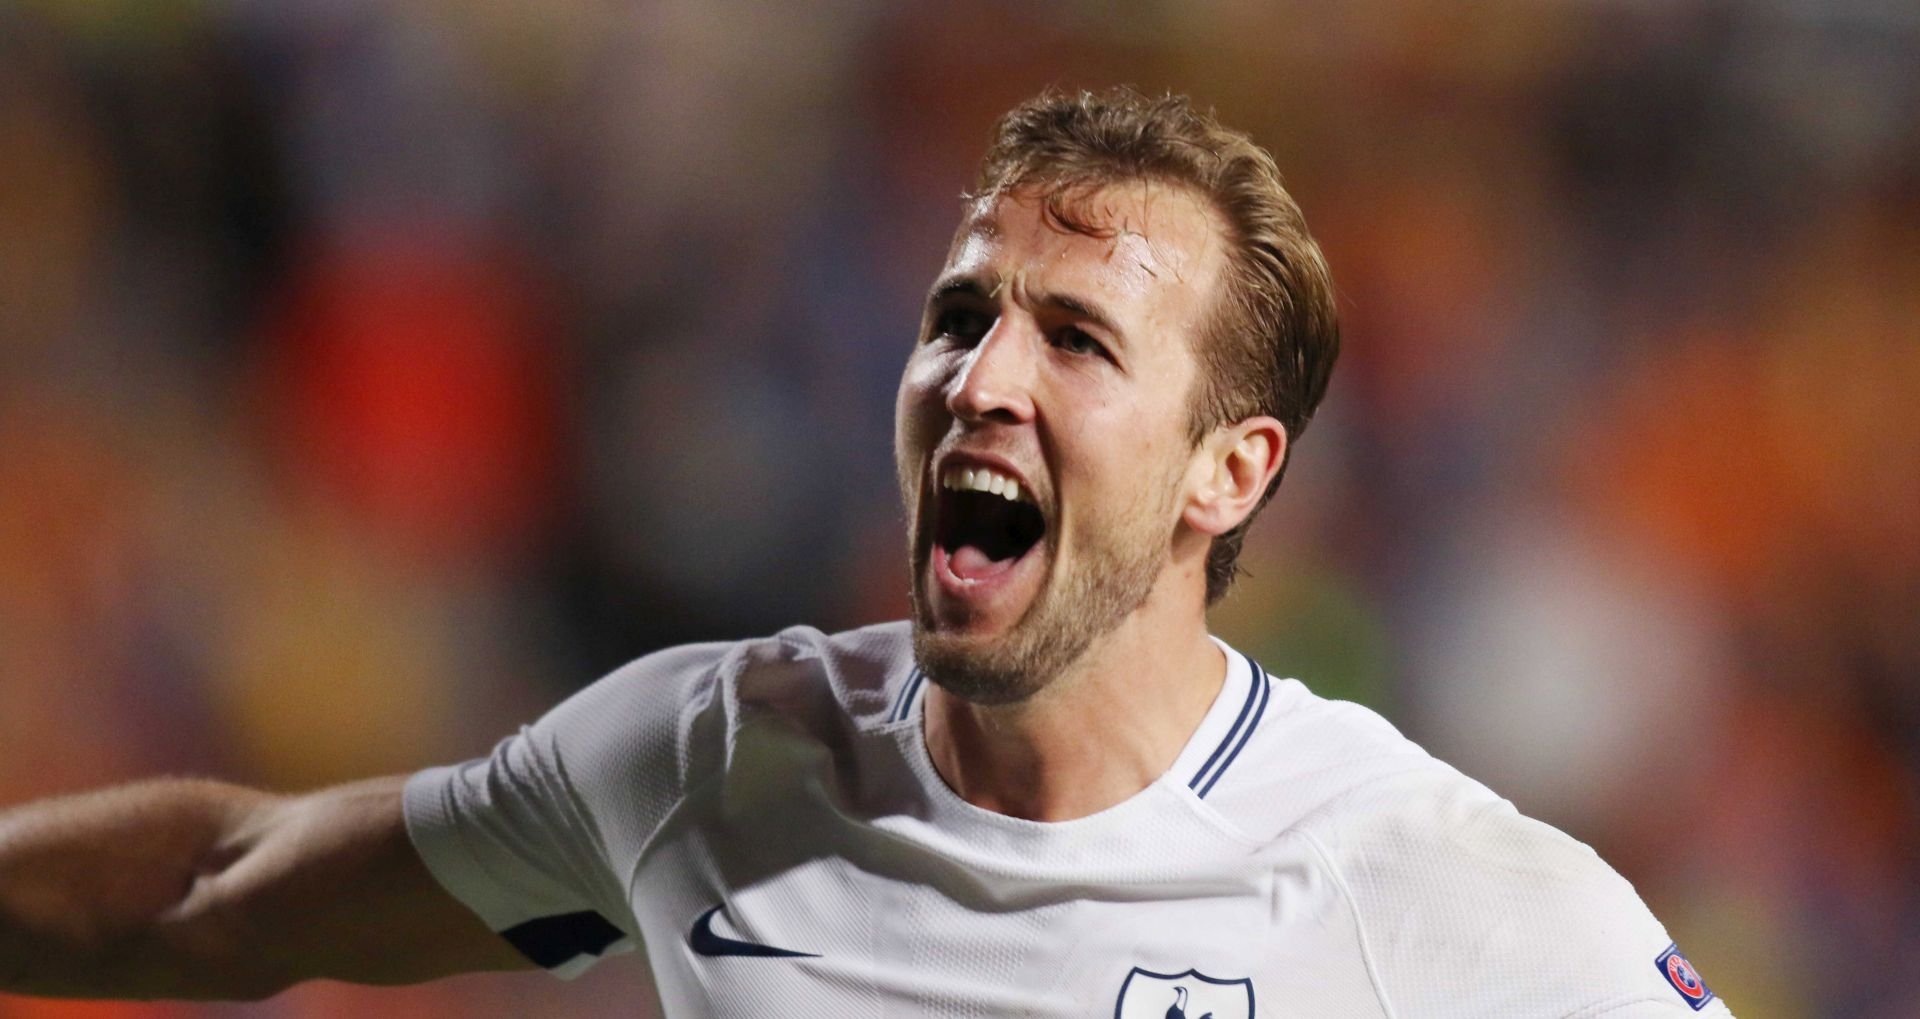 PREMIERLIGA Kane dvostruki strijelac u slavlju Tottenhama